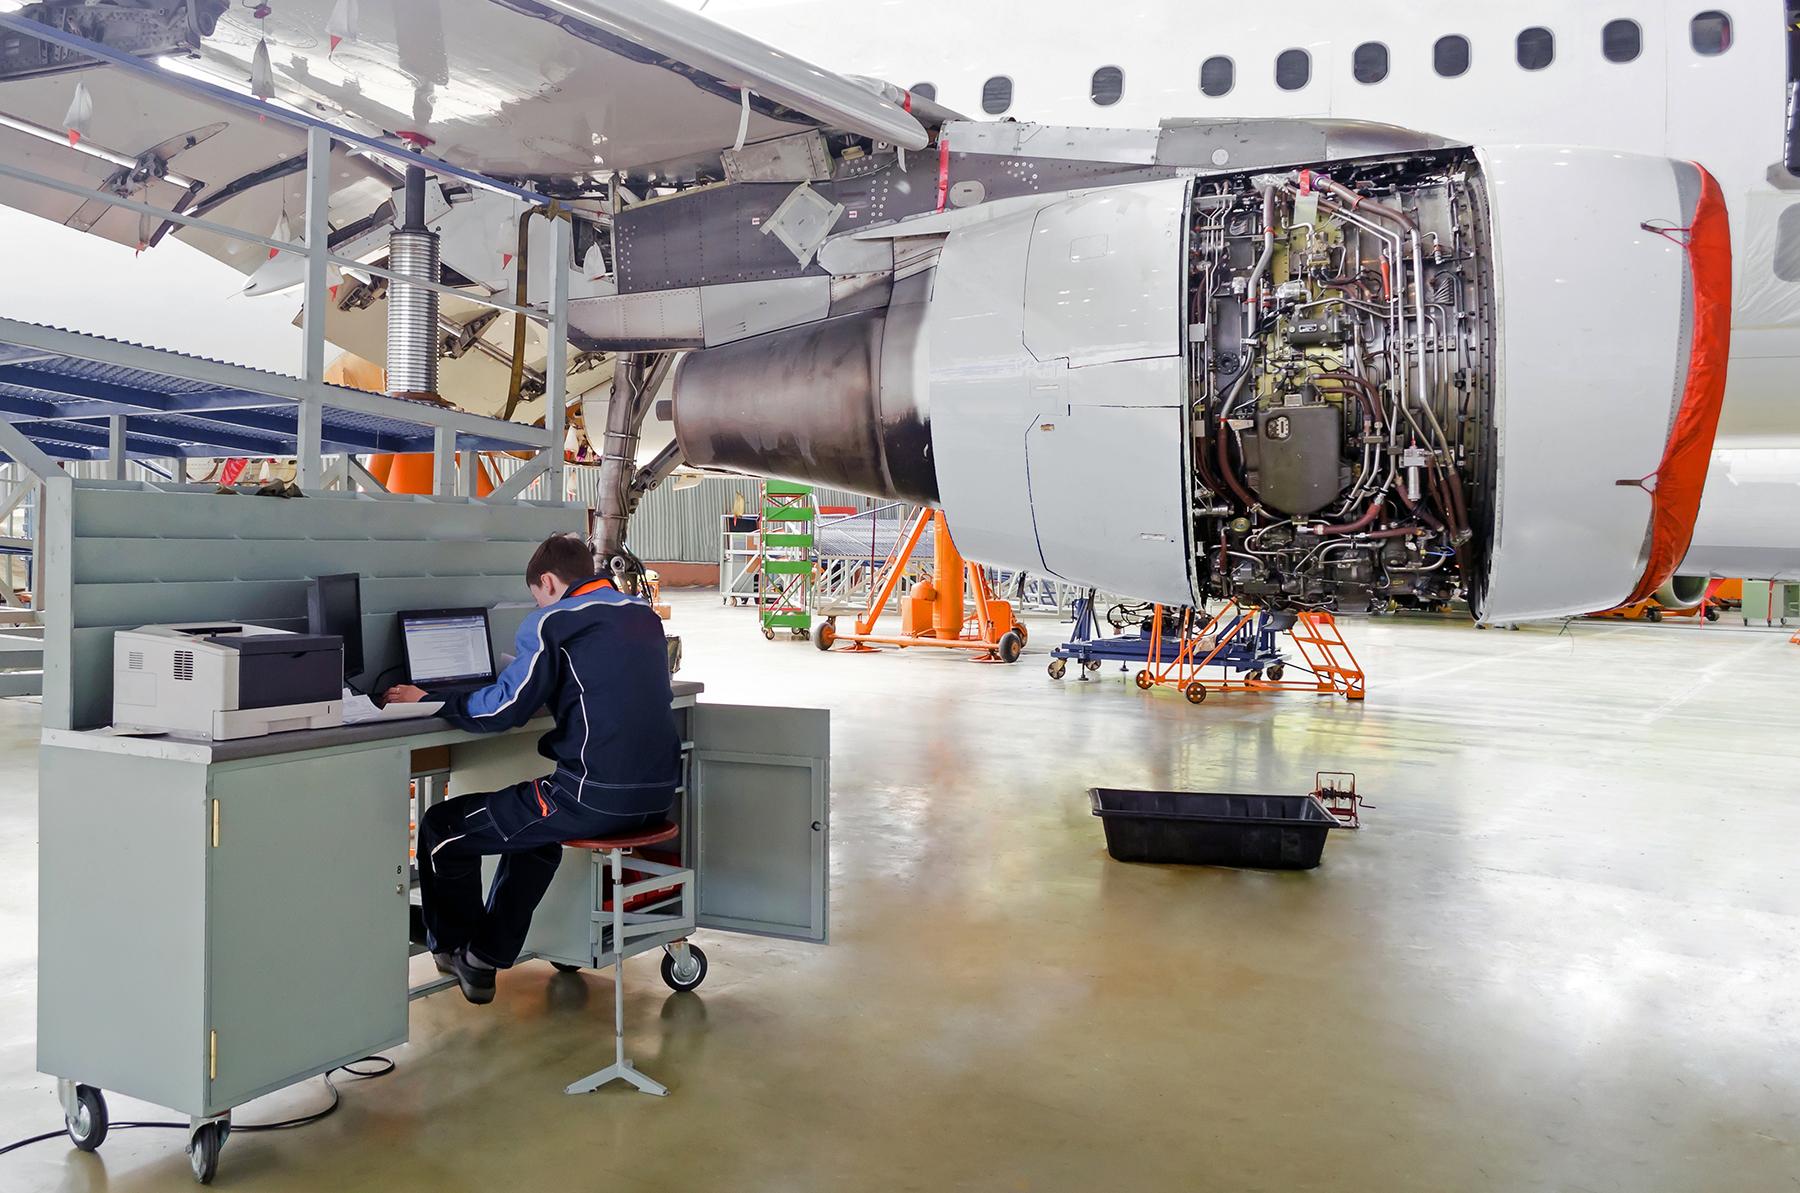 Aircraft Maintenance Technician at a Workstation in a Maintenance Hangar